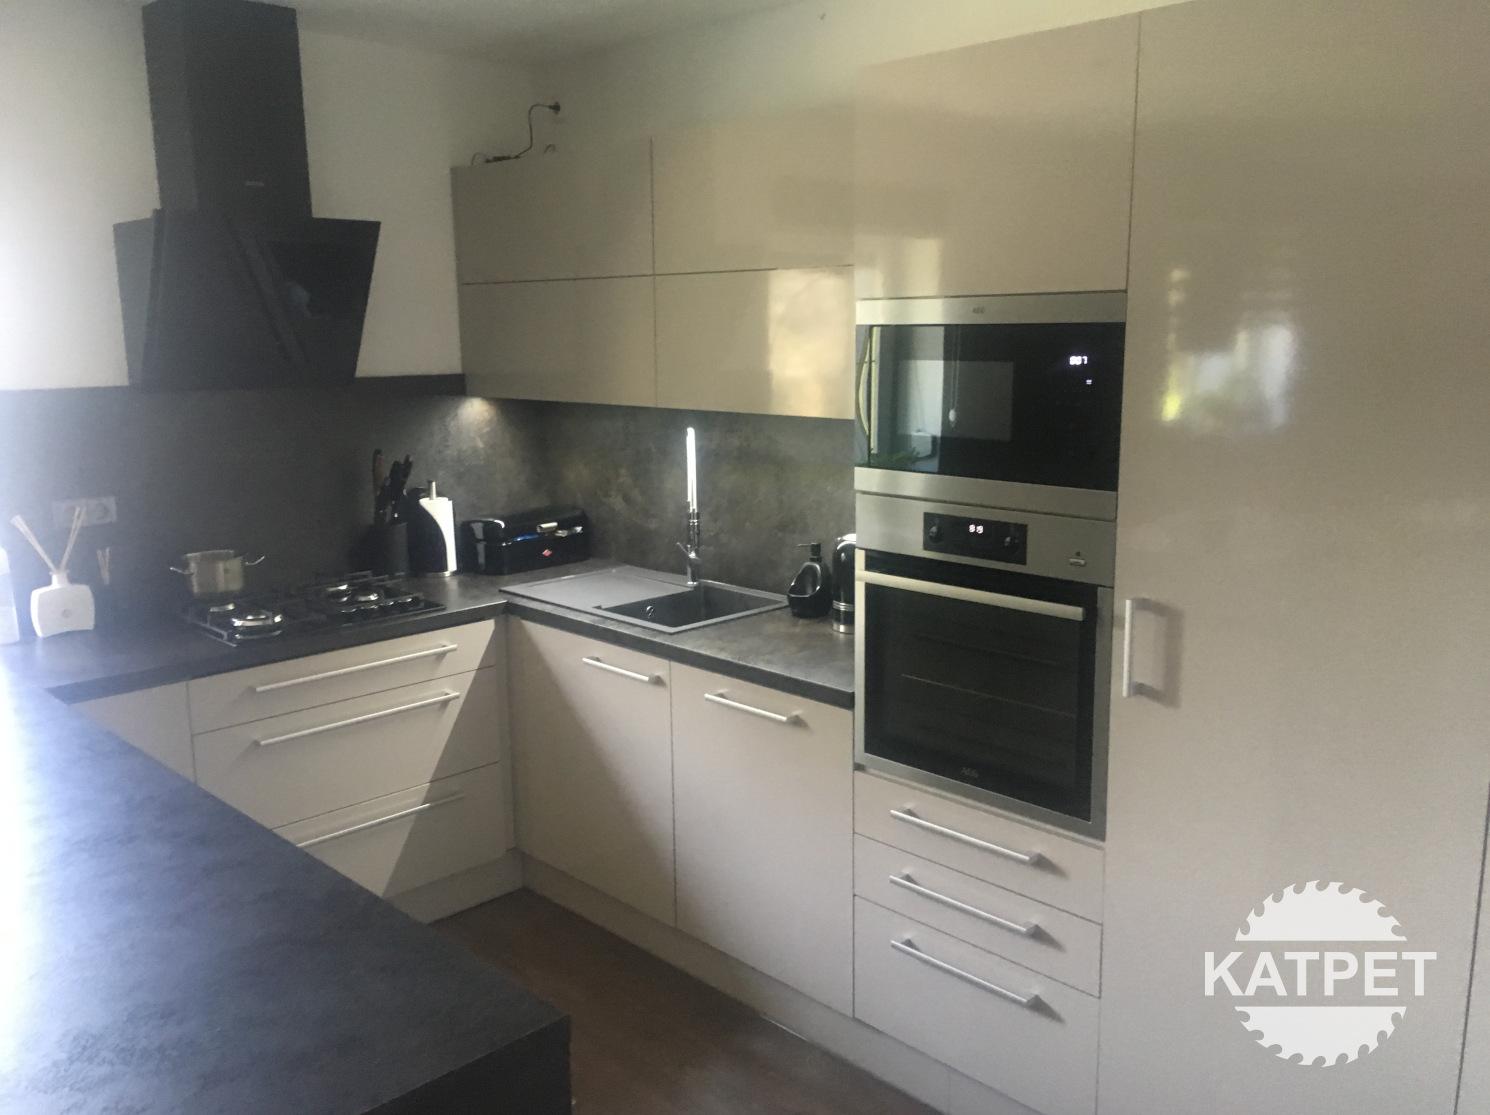 Bílá lesklá kuchyň Katpet